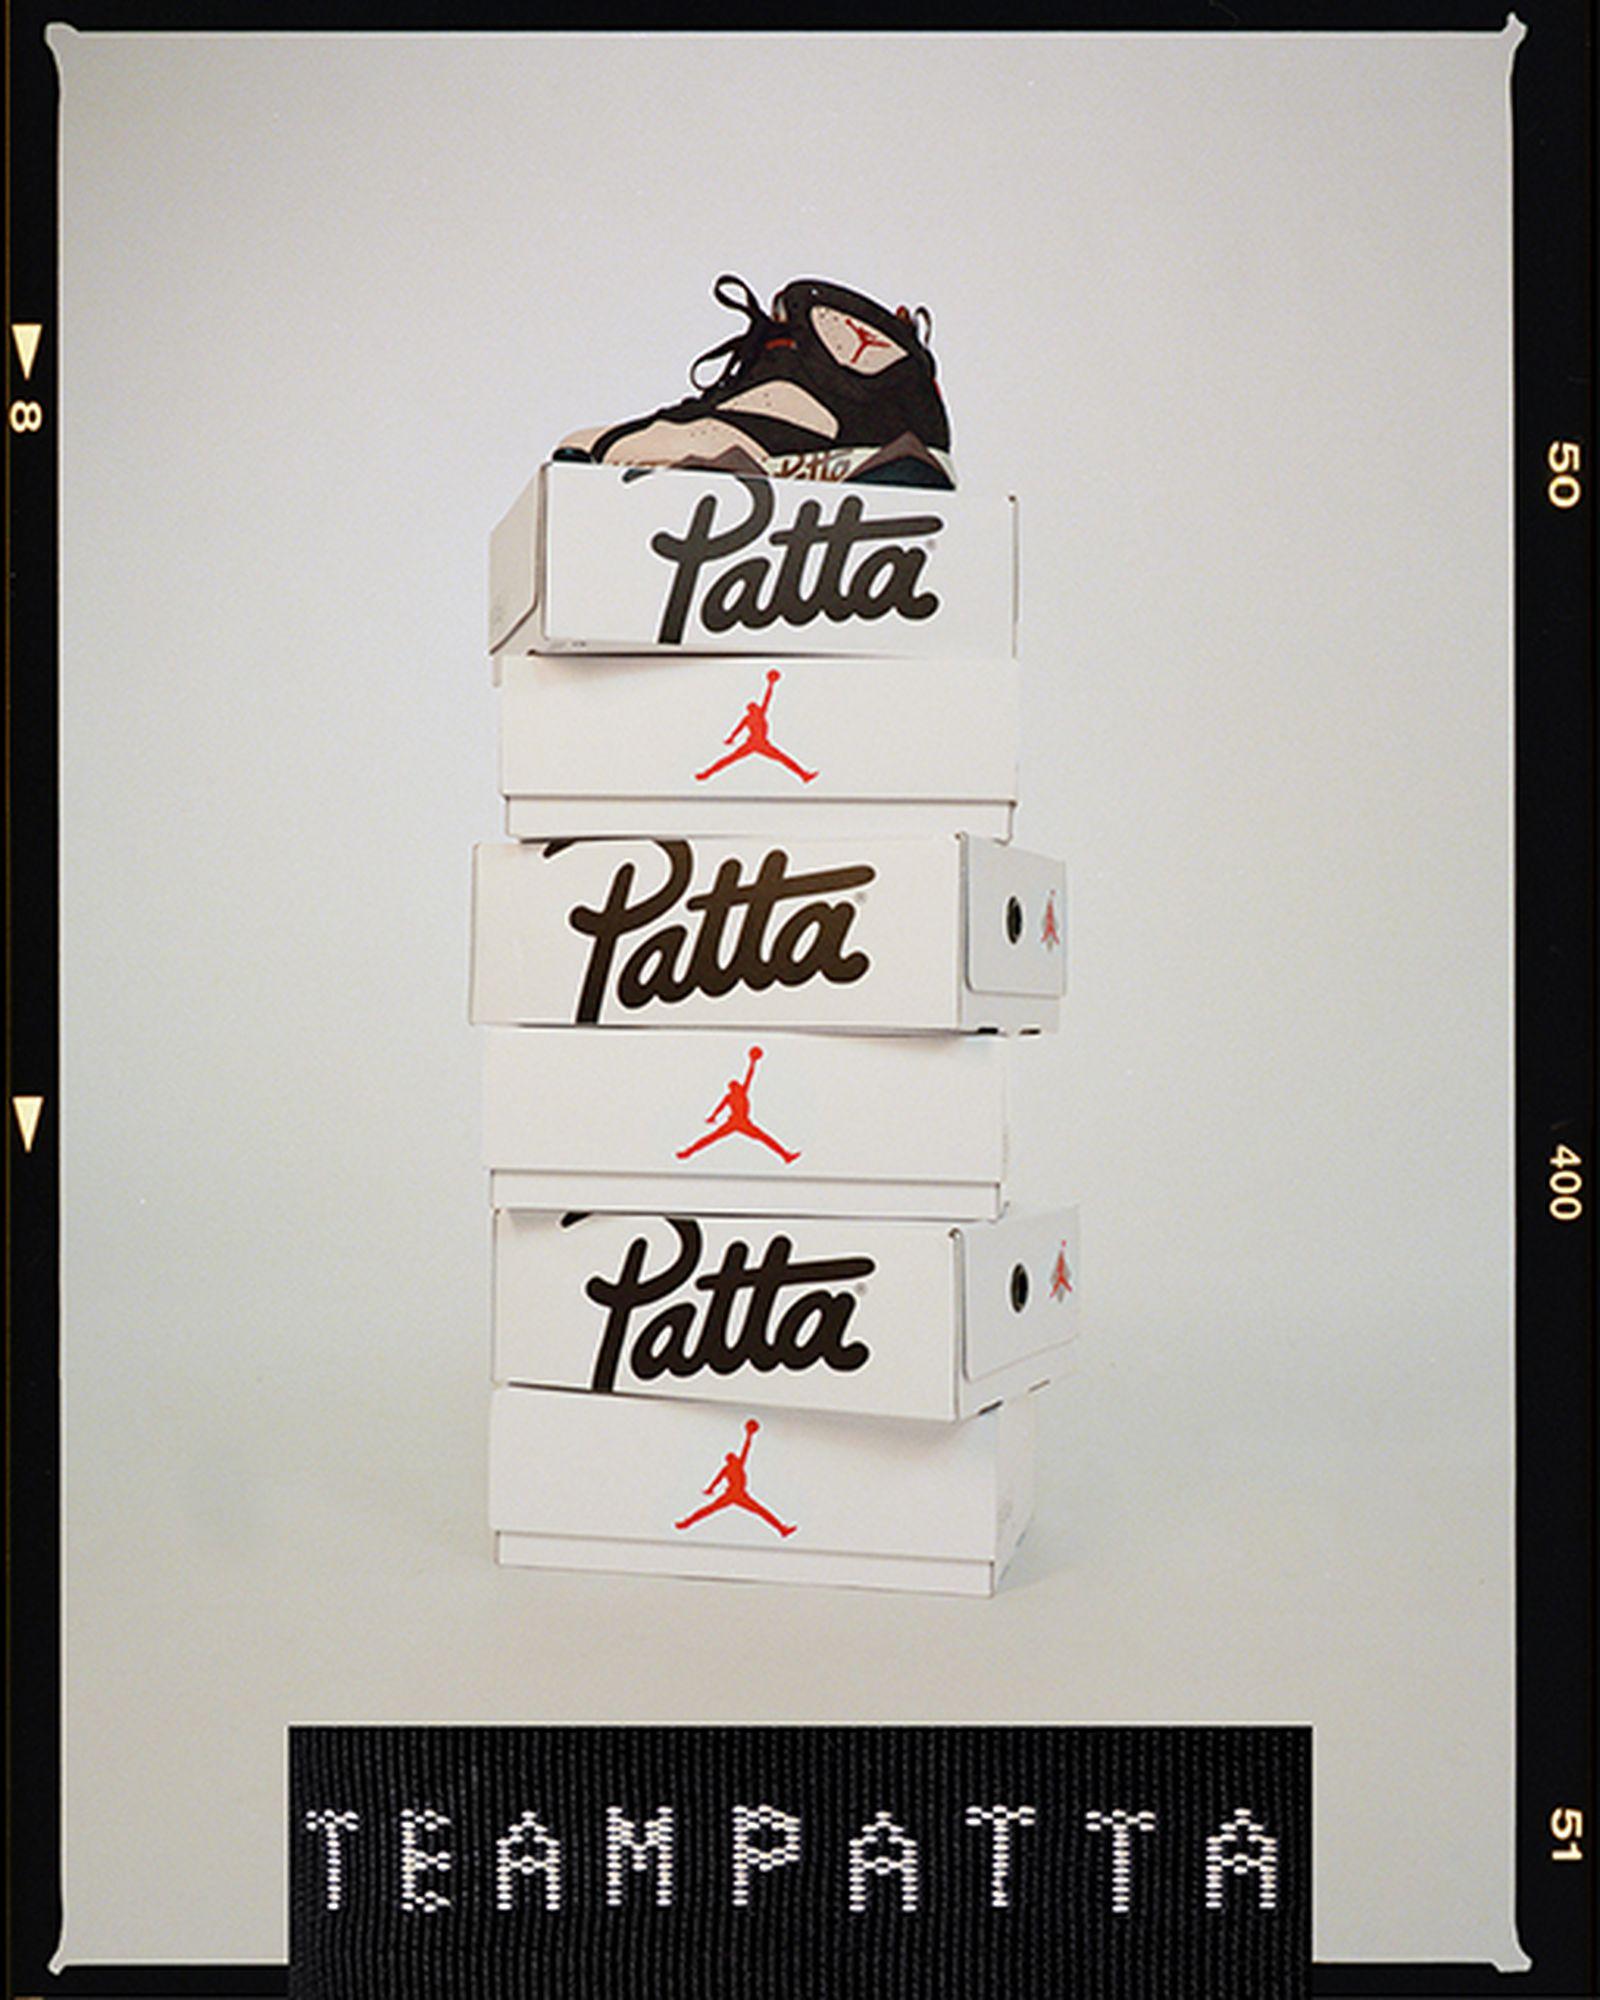 patta jordan release date price Air Jordan jordan brand